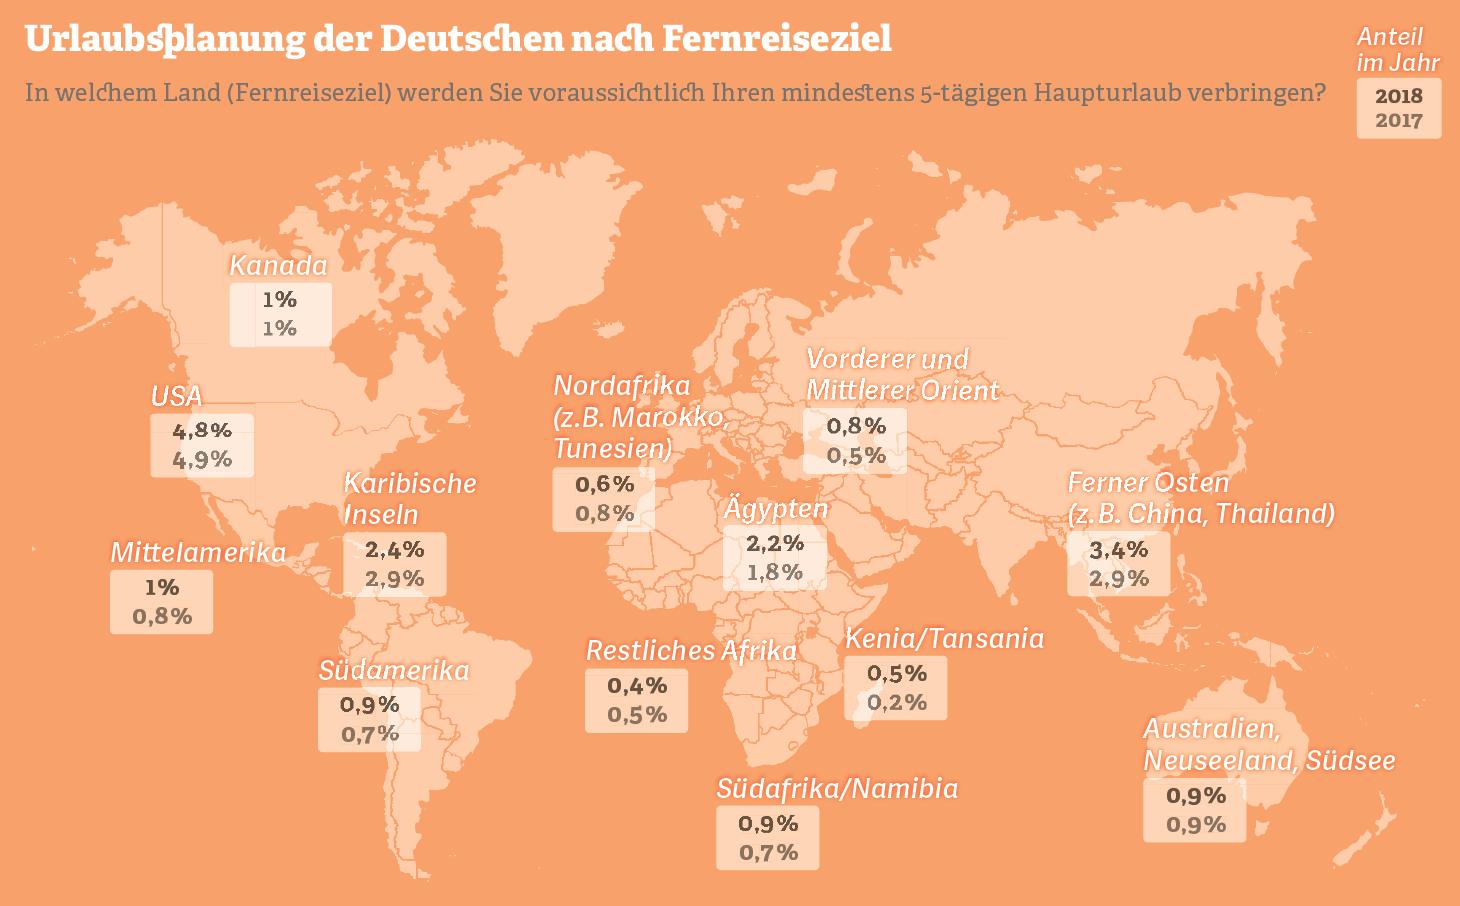 Grafik: Urlaubsplanung der Deutschen nach Fernreiseziel